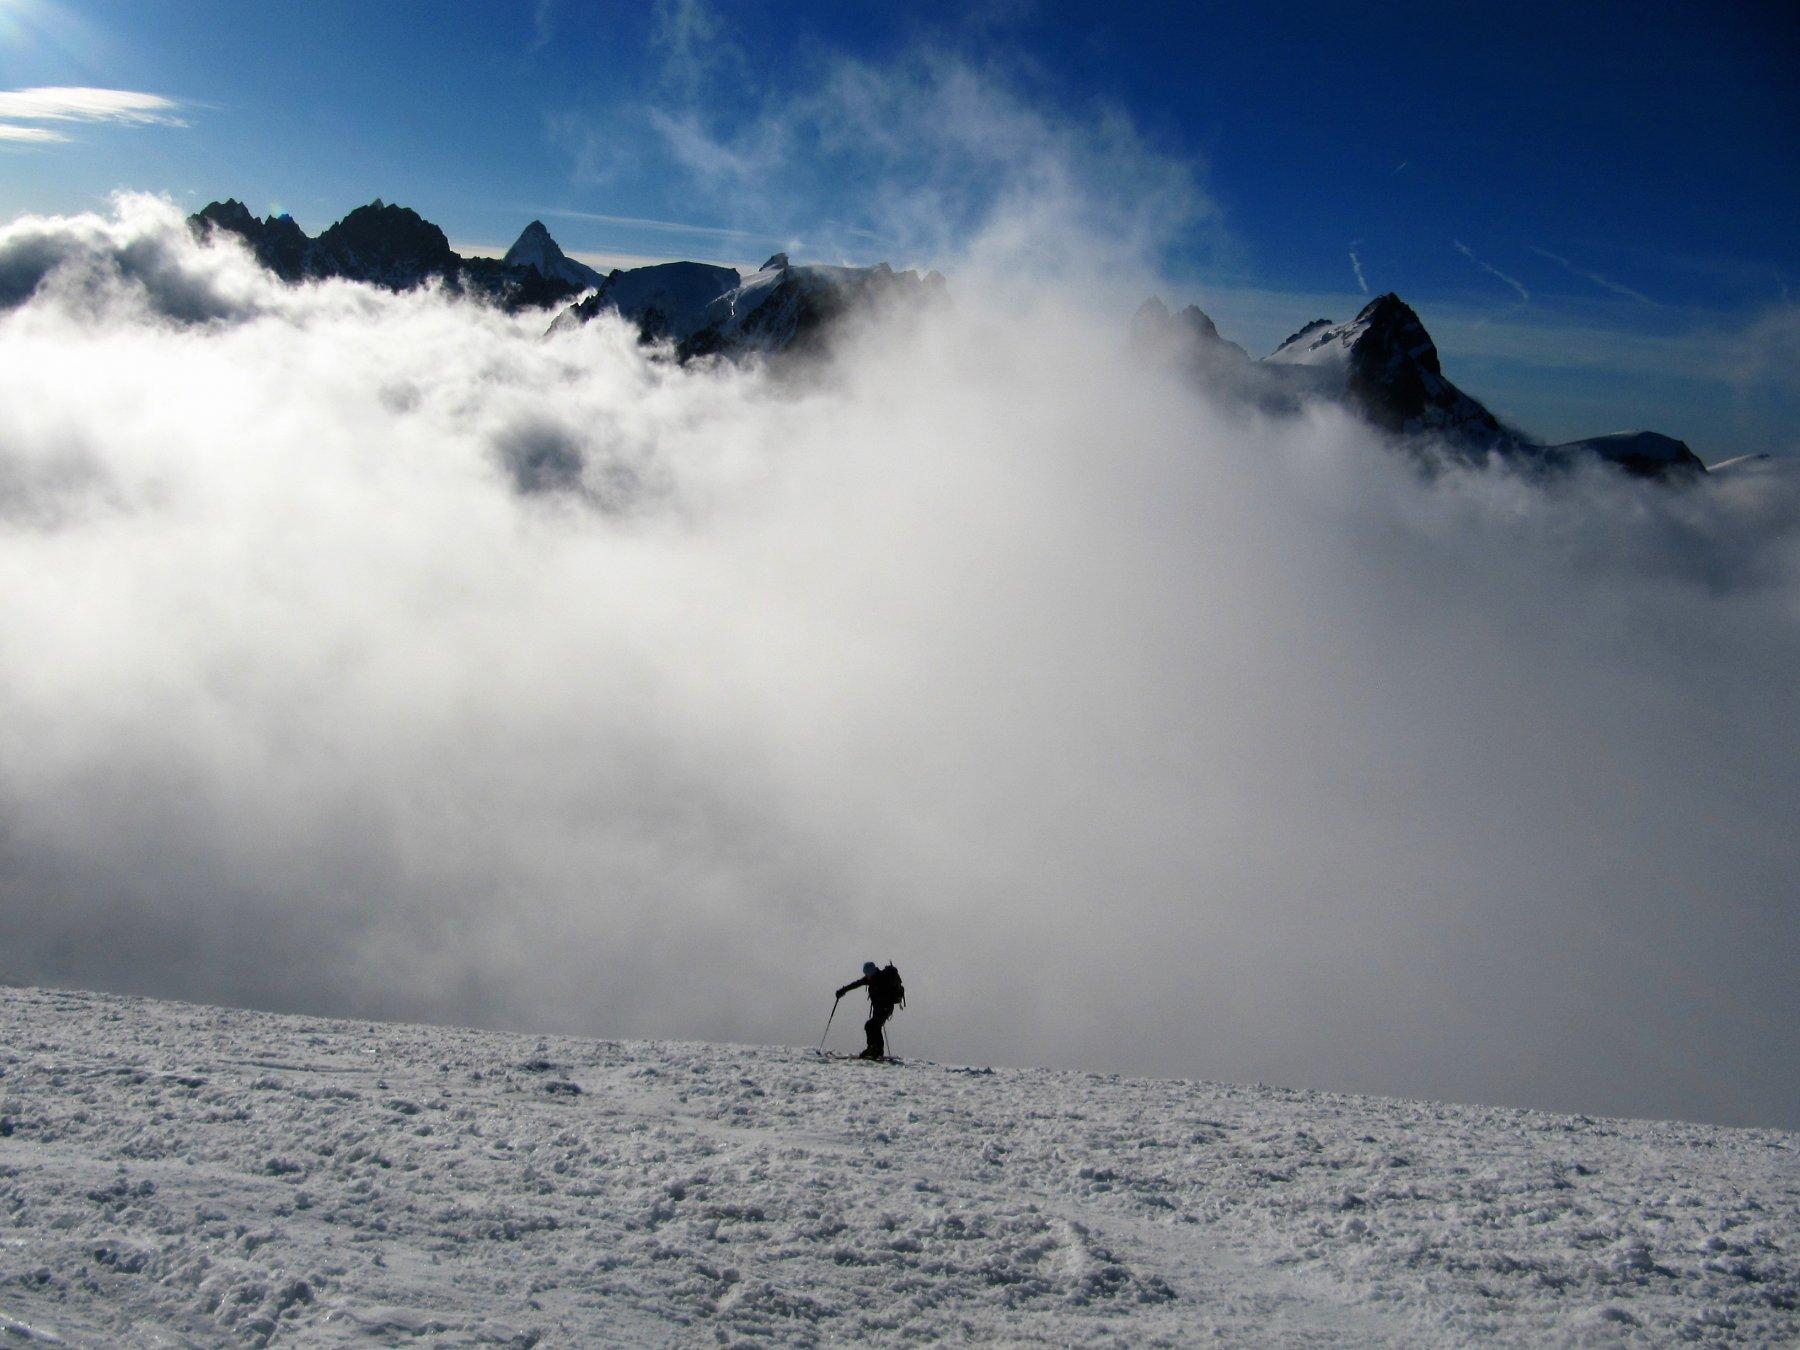 Usciti dalle nuvole, il grandioso panorama che si può ammirare